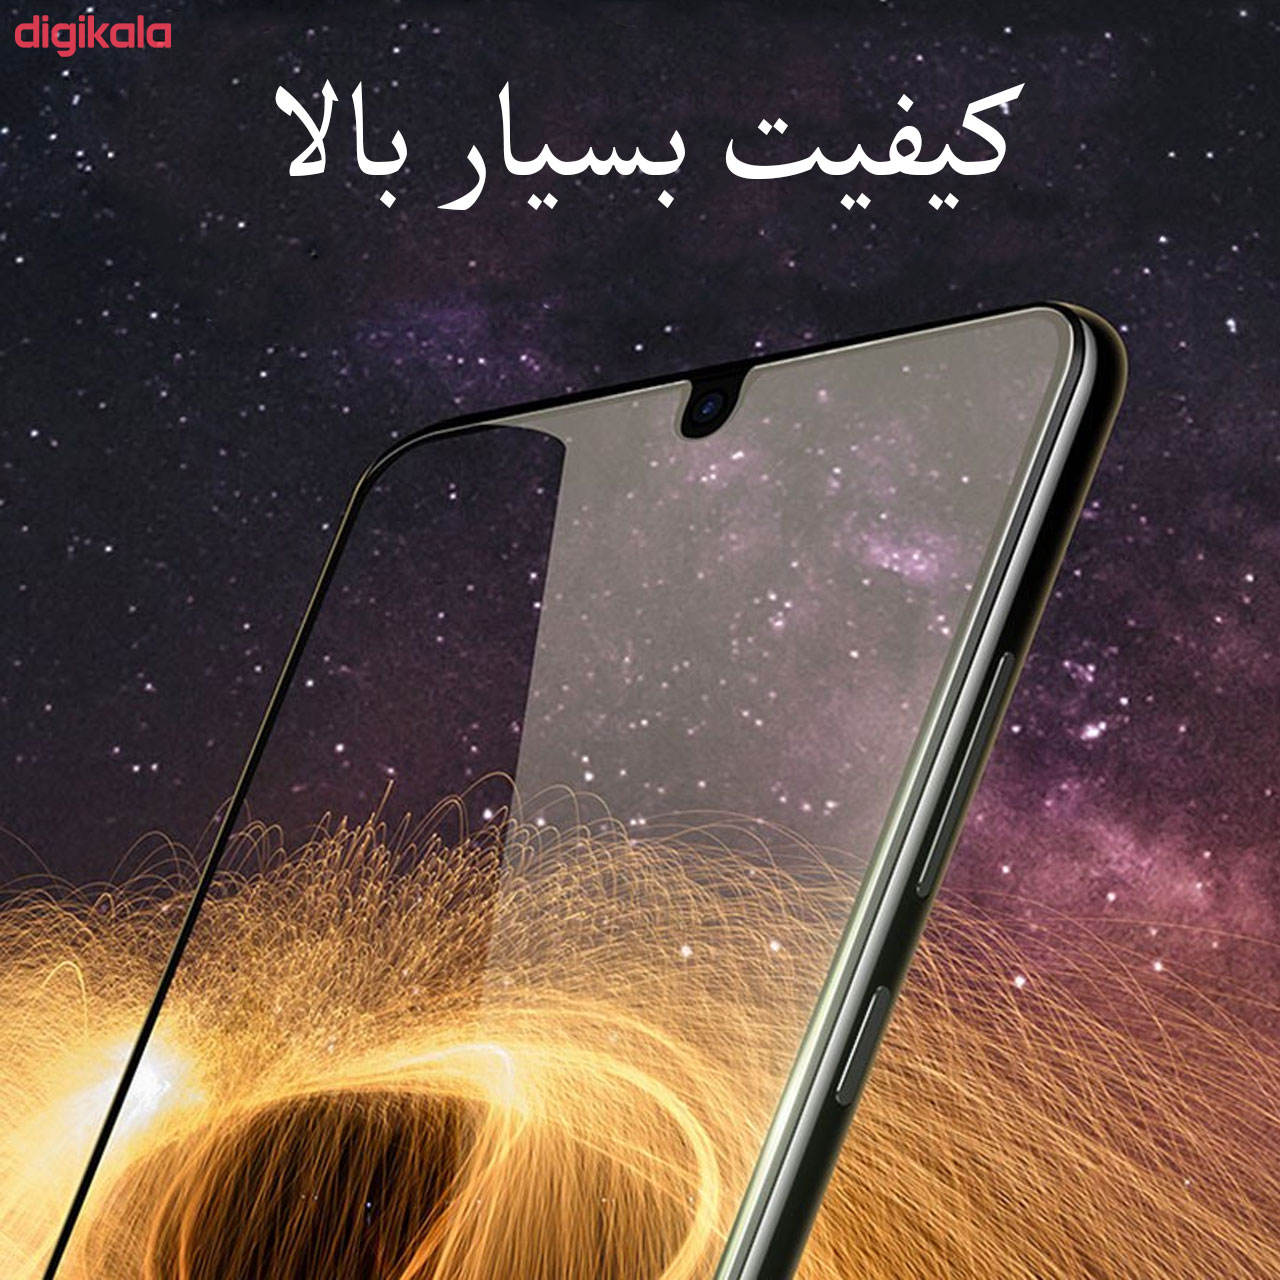 محافظ صفحه نمایش مدل FCG مناسب برای گوشی موبایل سامسونگ Galaxy M20 بسته سه عددی main 1 14